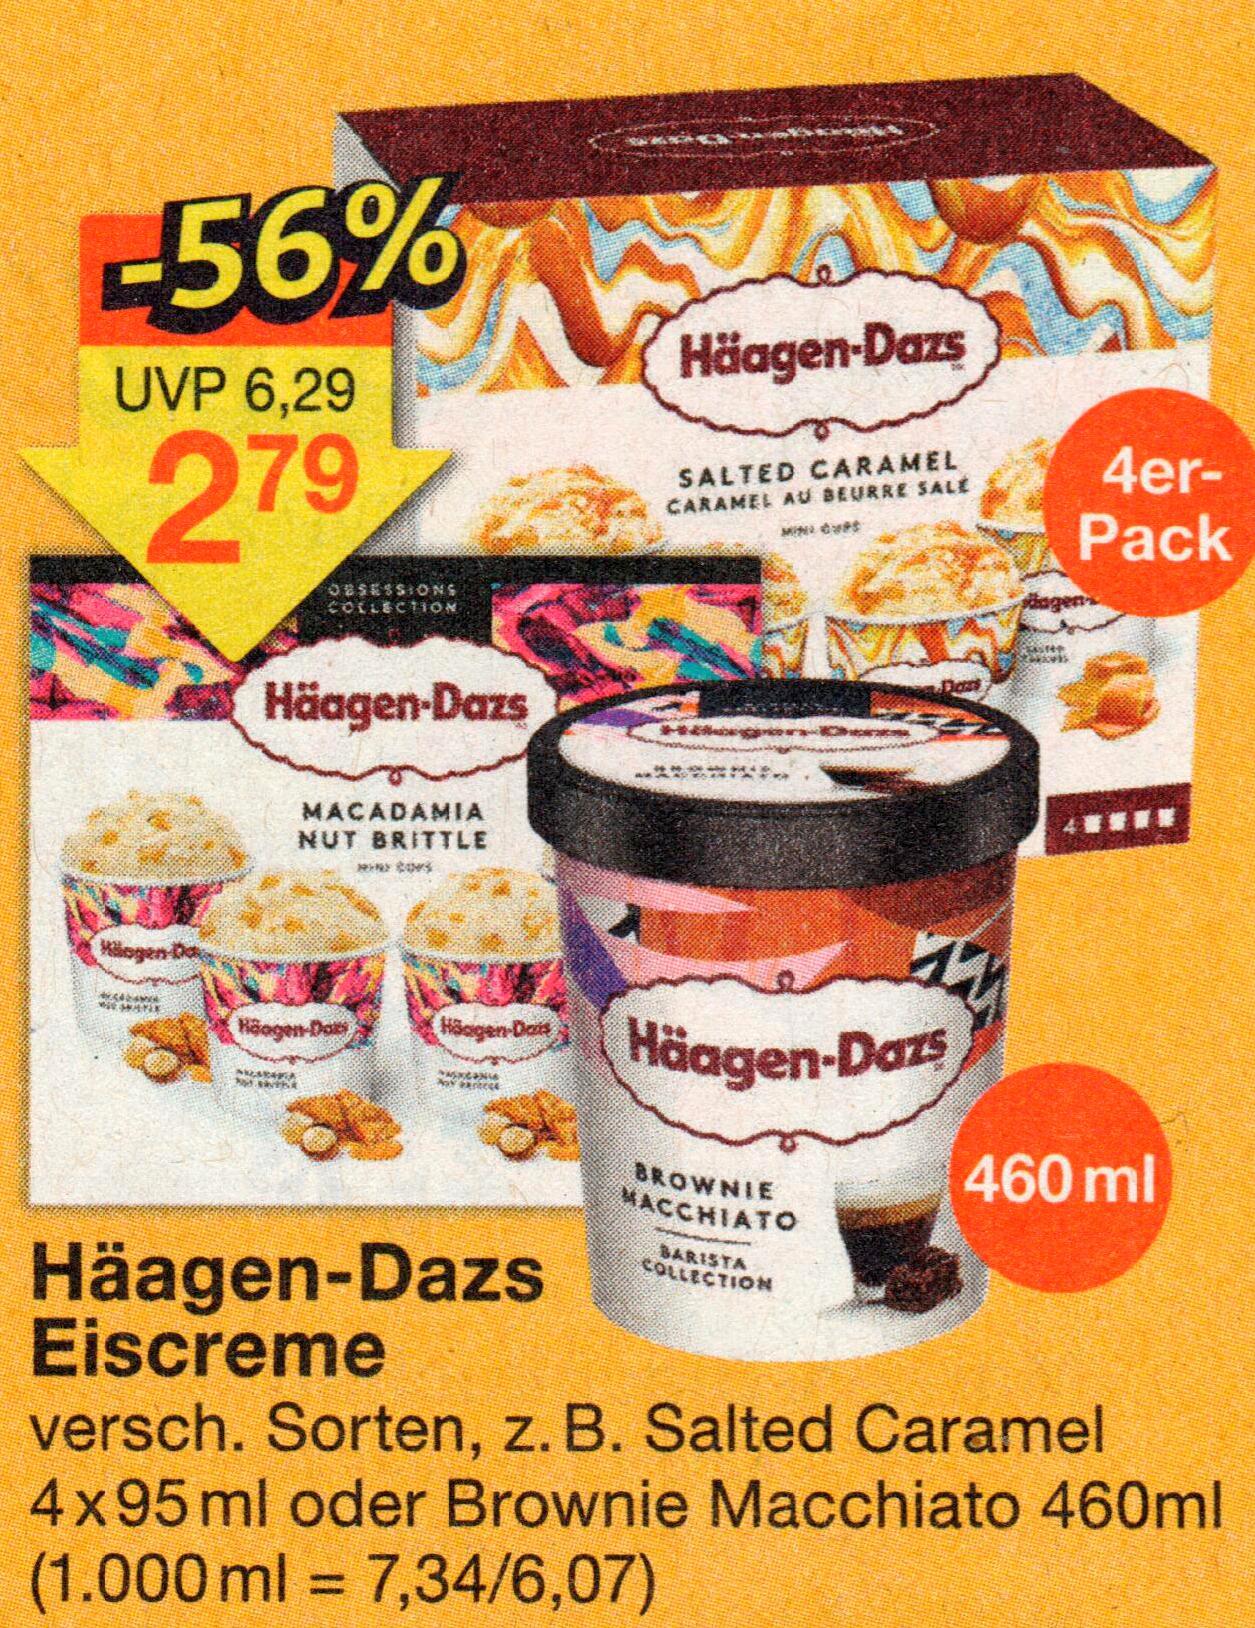 Häagen-Dazs Eiscreme versch. Sorten 4x95ml / 460ml für 2,79€ ab Mittwoch bei JAWOLL